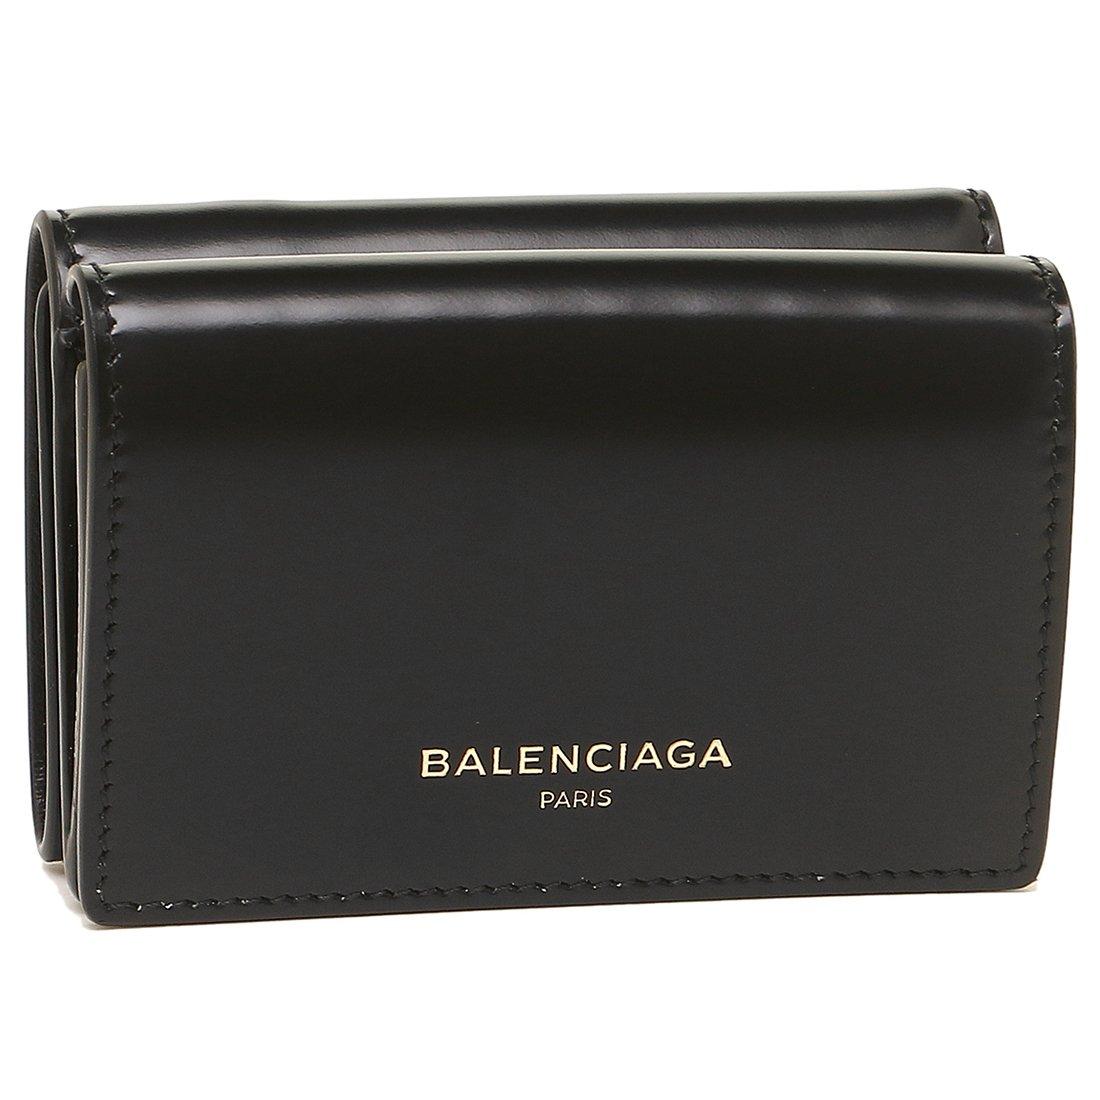 バレンシアガ 財布 BALENCIAGA 490621 DRY0N 1000 ESSENTIAL MINI WALLET レディース 三つ折り財布 無地 NOIR 黒 [並行輸入品] B07D6JFCC3